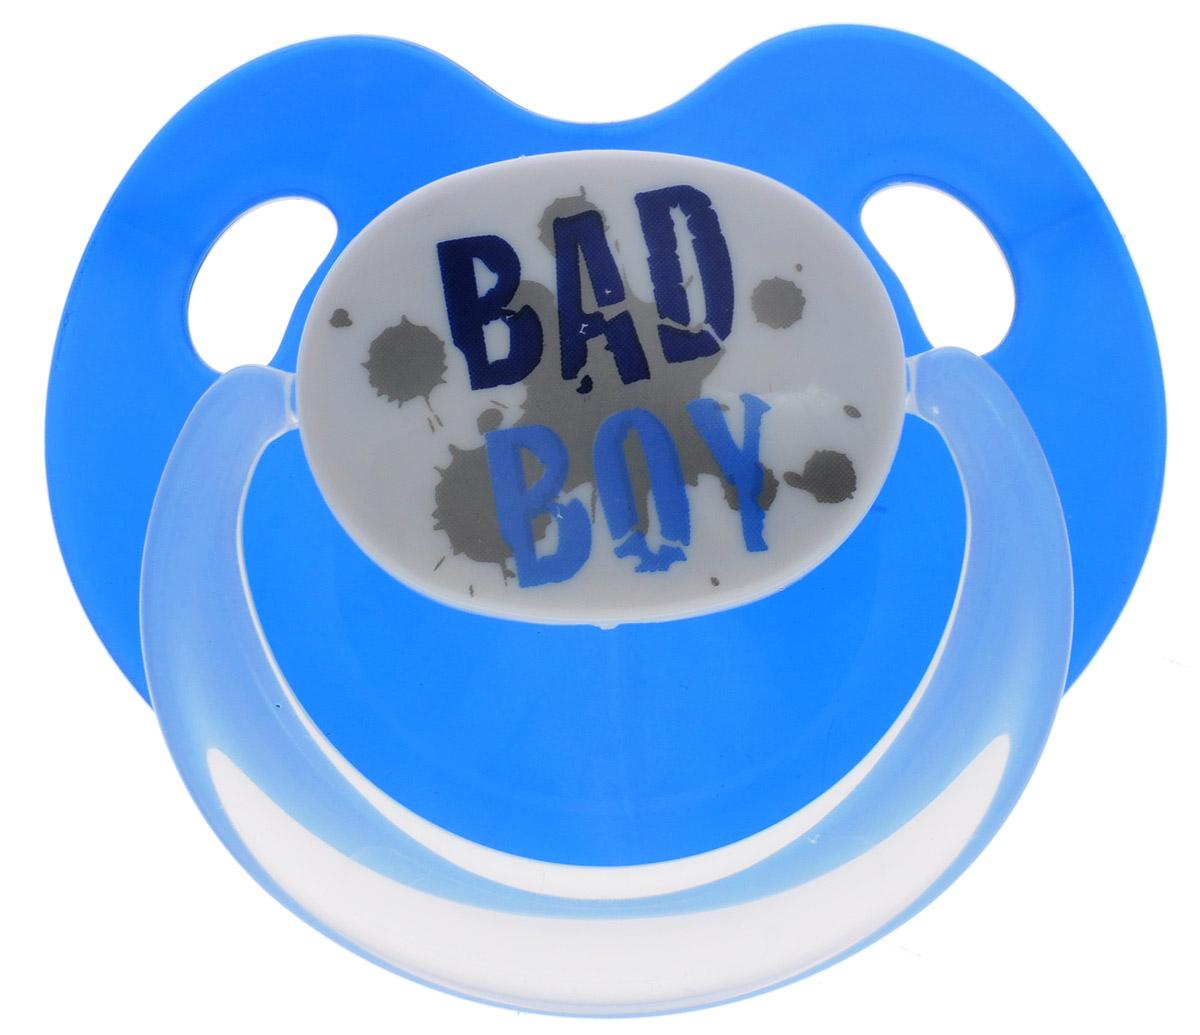 Bibi Пустышка силиконовая Bad Boy от 16 месяцев bibi пустышка ортодонтическая дневная я люблю россию от 0 до 6 месяцев цвет сиреневый